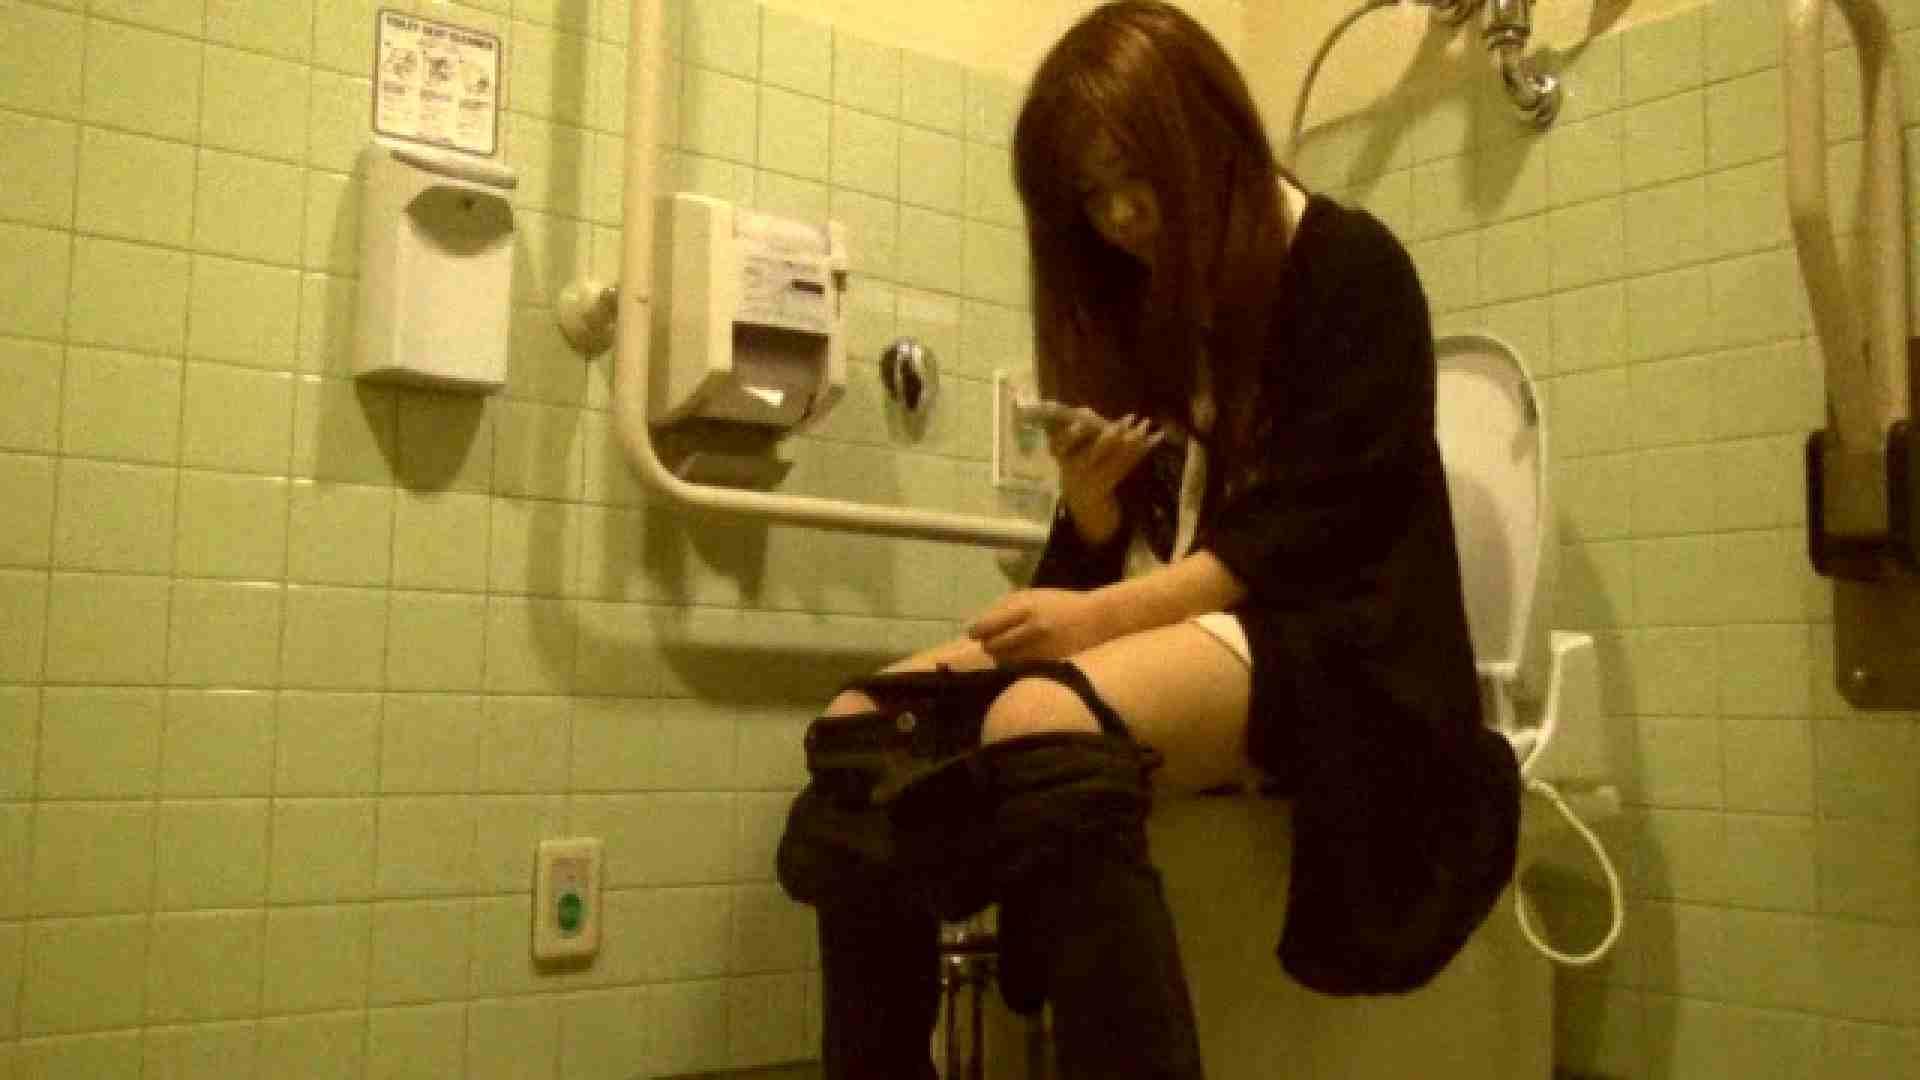 魔術師の お・も・て・な・し vol.26 19歳のバーの店員さんの洗面所をしばし… 洗面所 | 美女OL  54連発 41